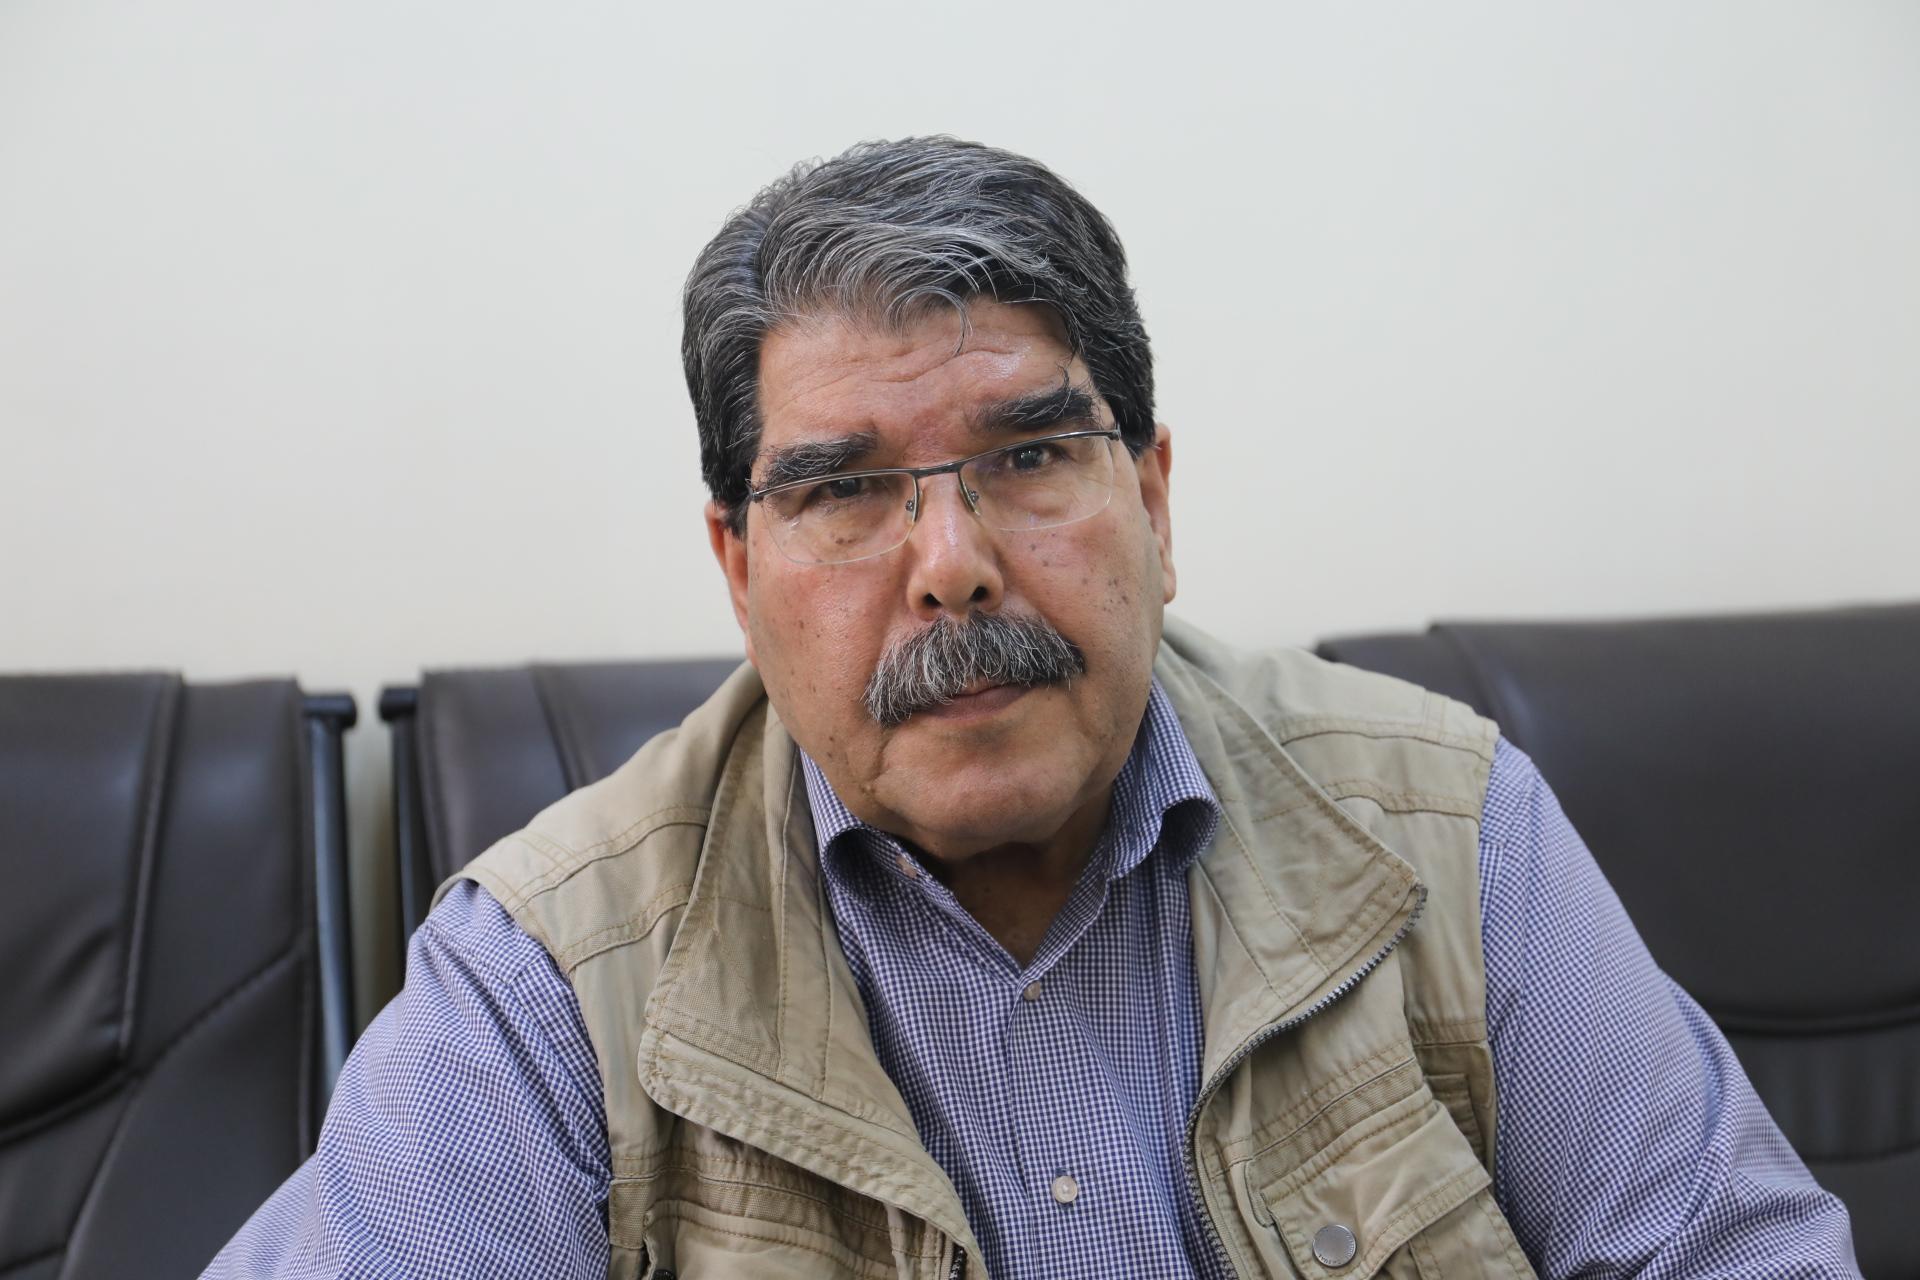 Salih Müslim: Türkiye Idlib'deki çeteleri Efrin'e göndermek istiyor